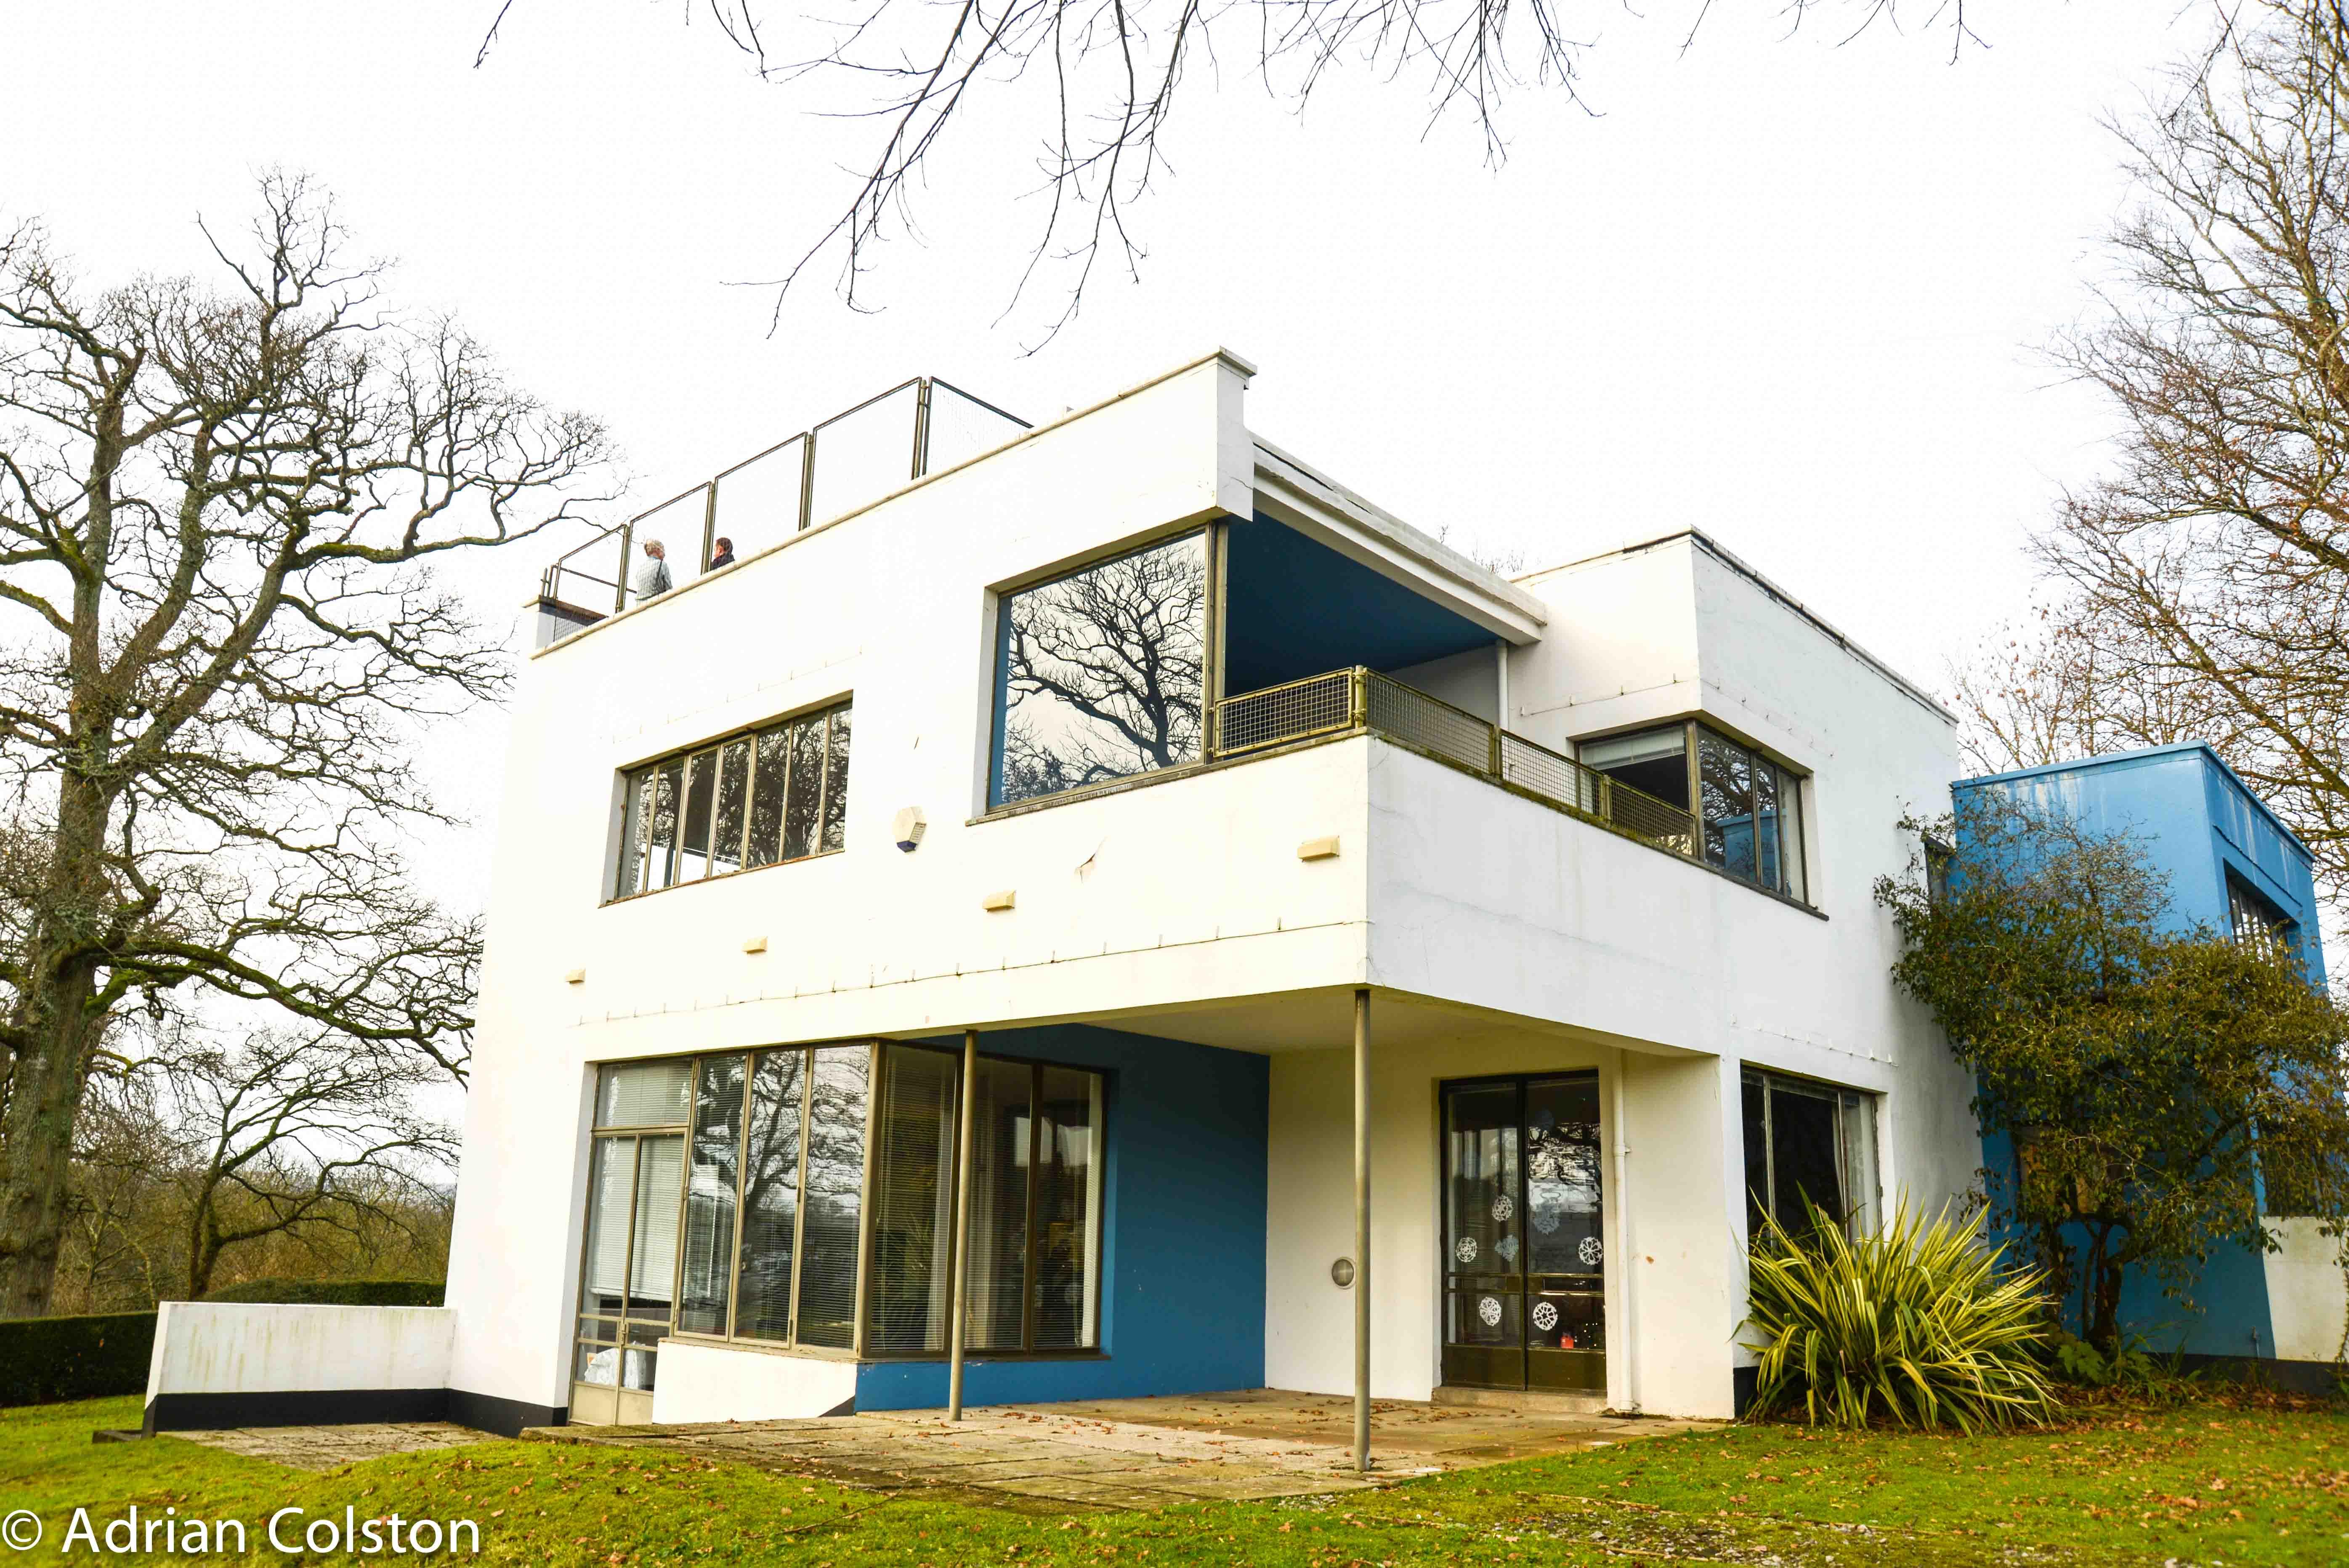 High Cross House 5 A Dartmoor Blog